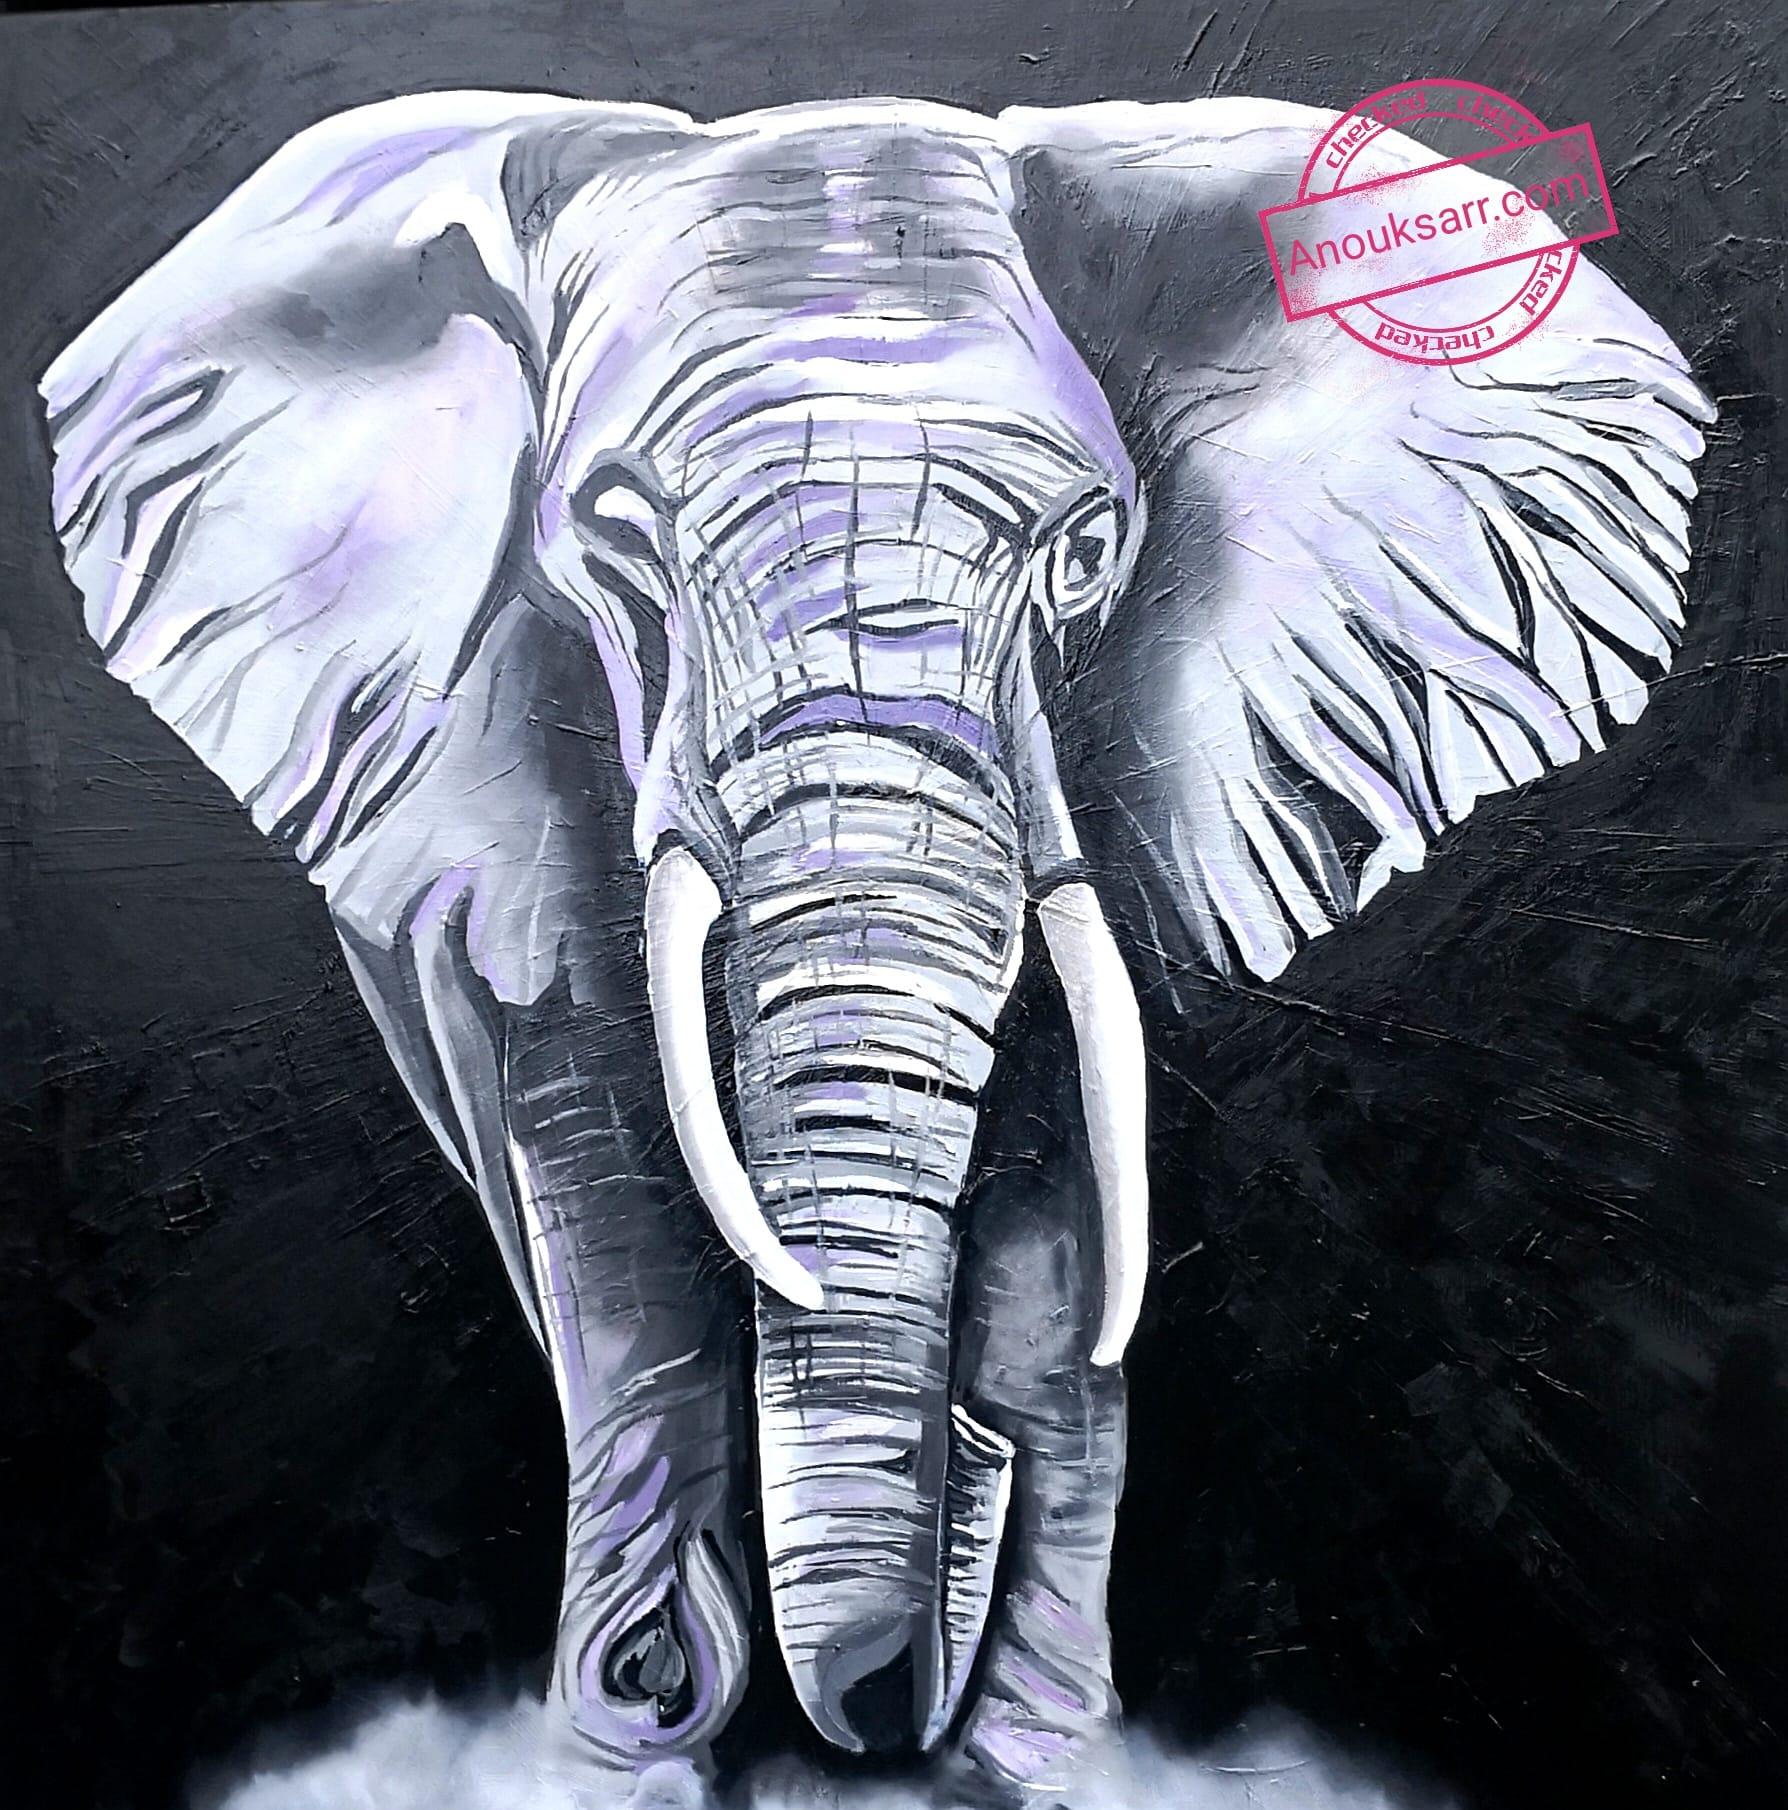 Elephant sur fond noir peinture huile sur toile grand format carré 100 x 100cm Anouk SARR 2021